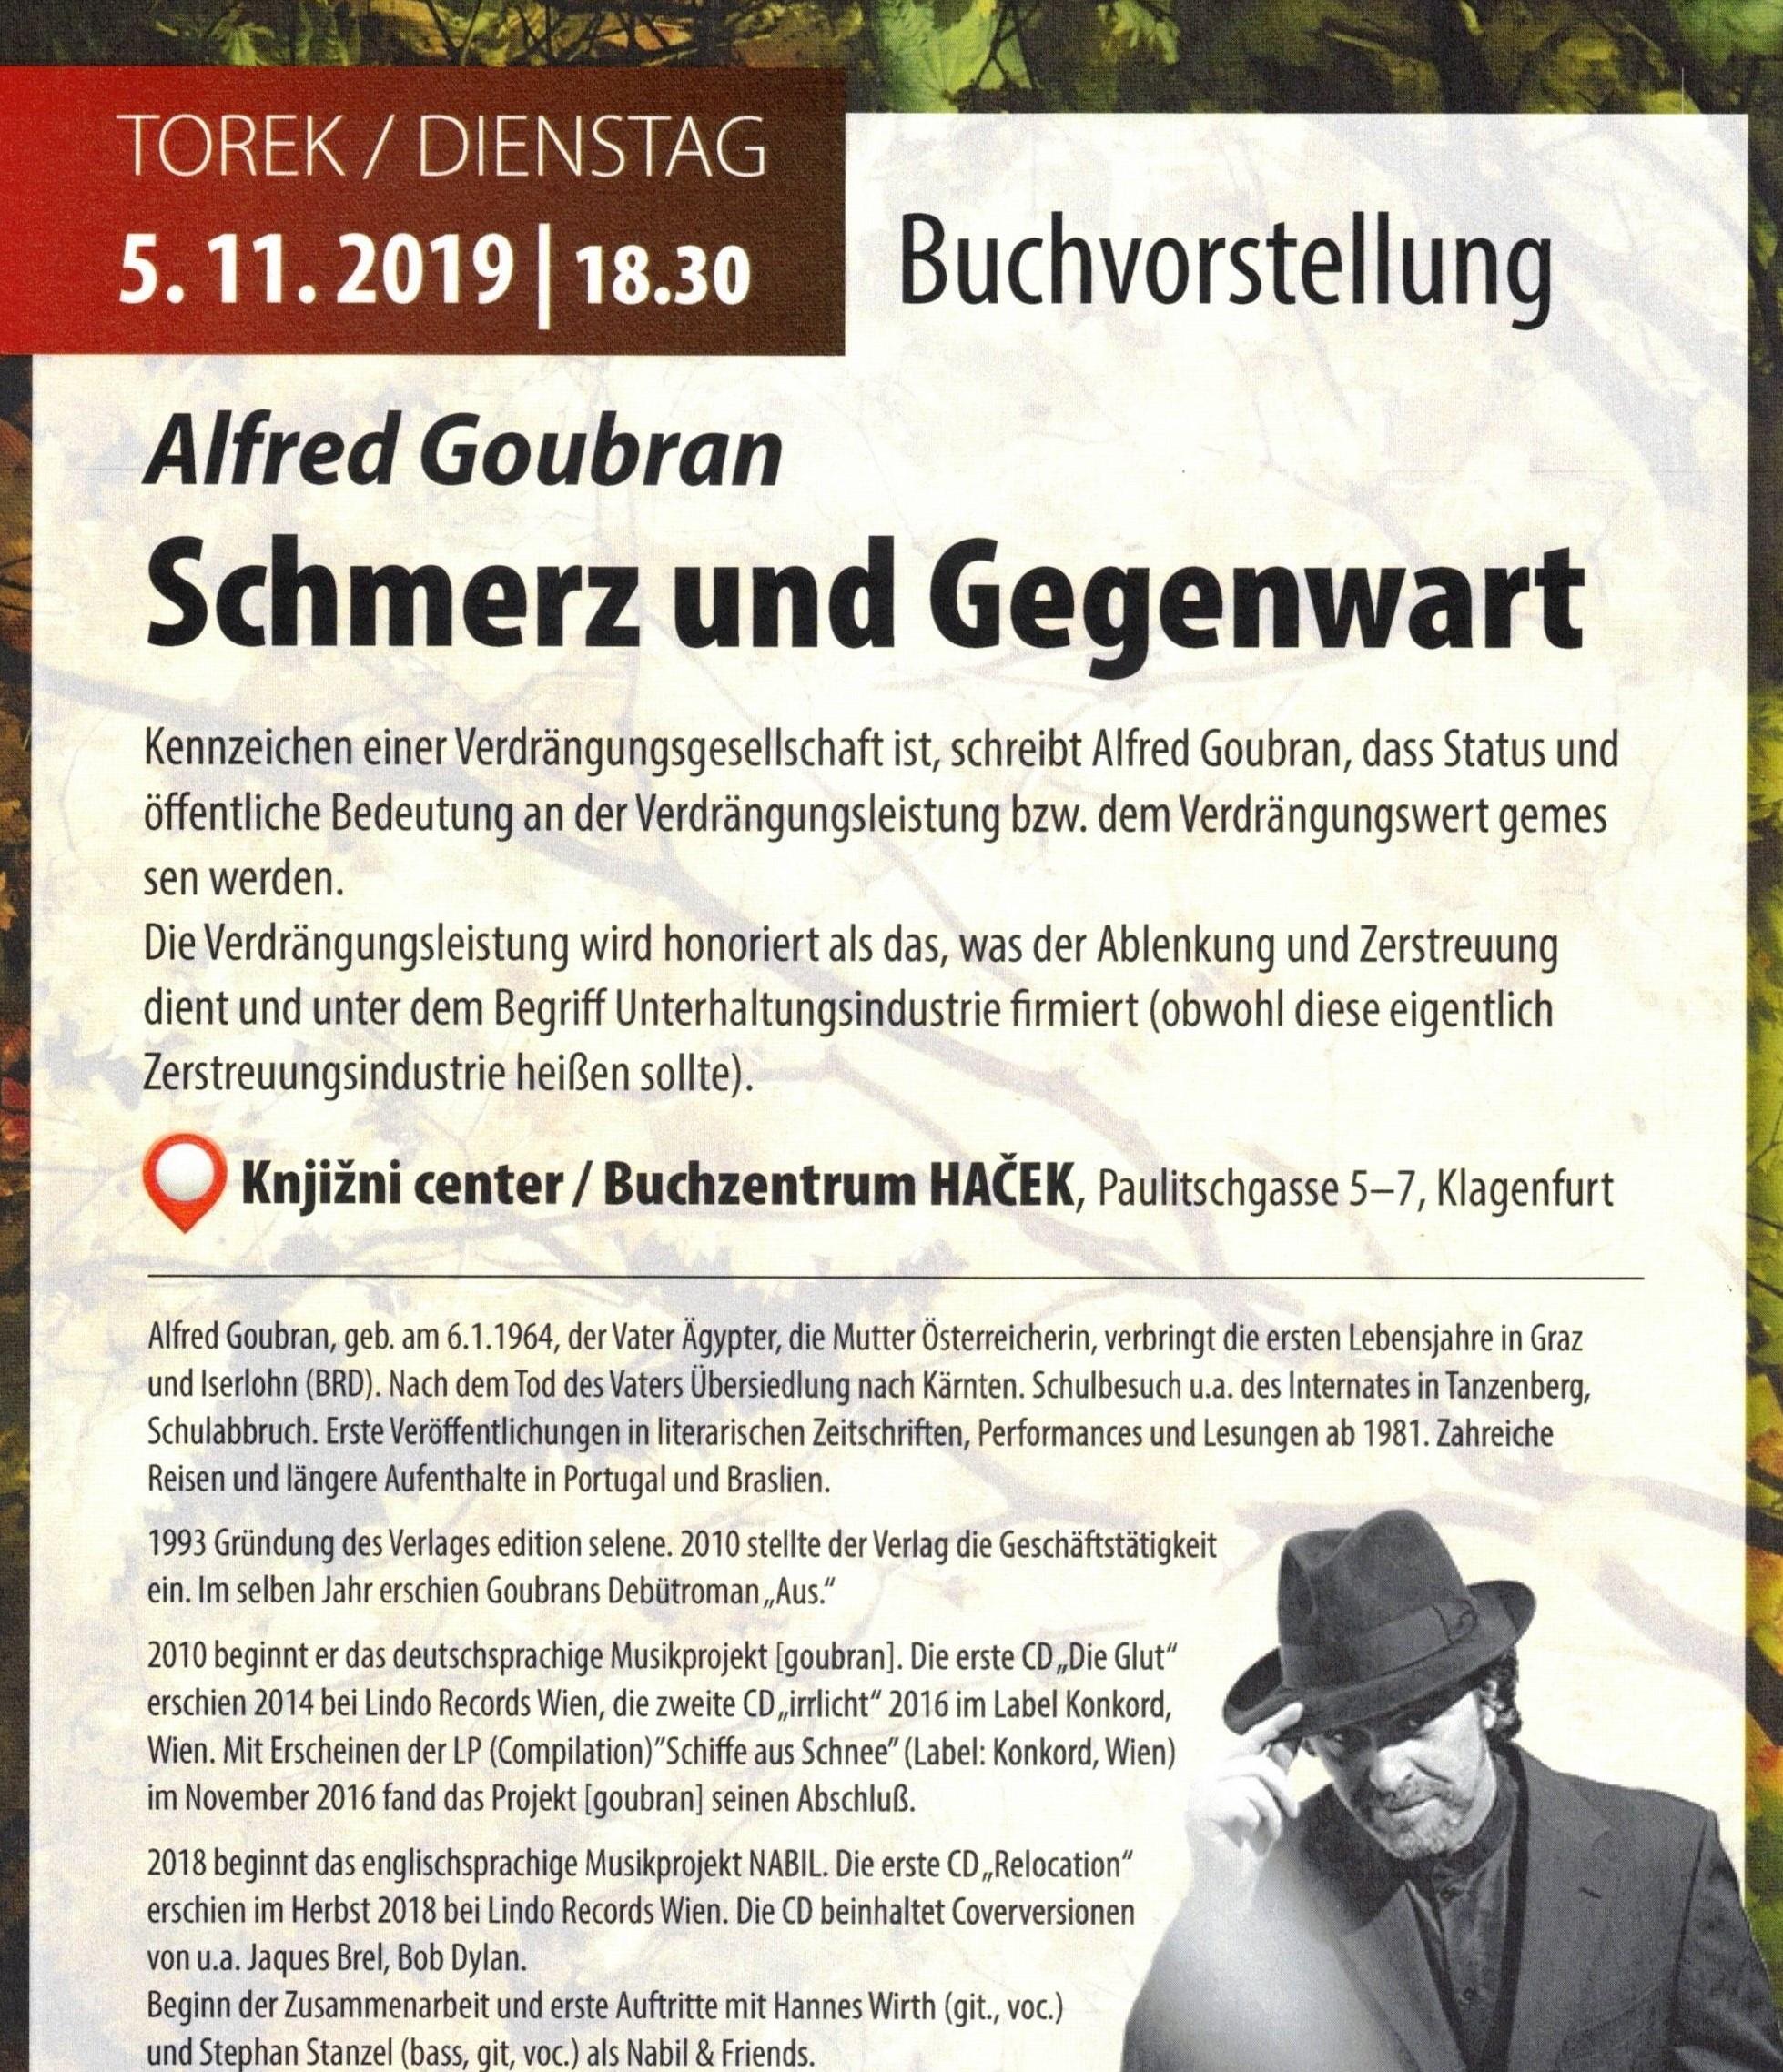 Alfred Goubran: Schmerz und Gegenwart (Mitveranstalter VADA)